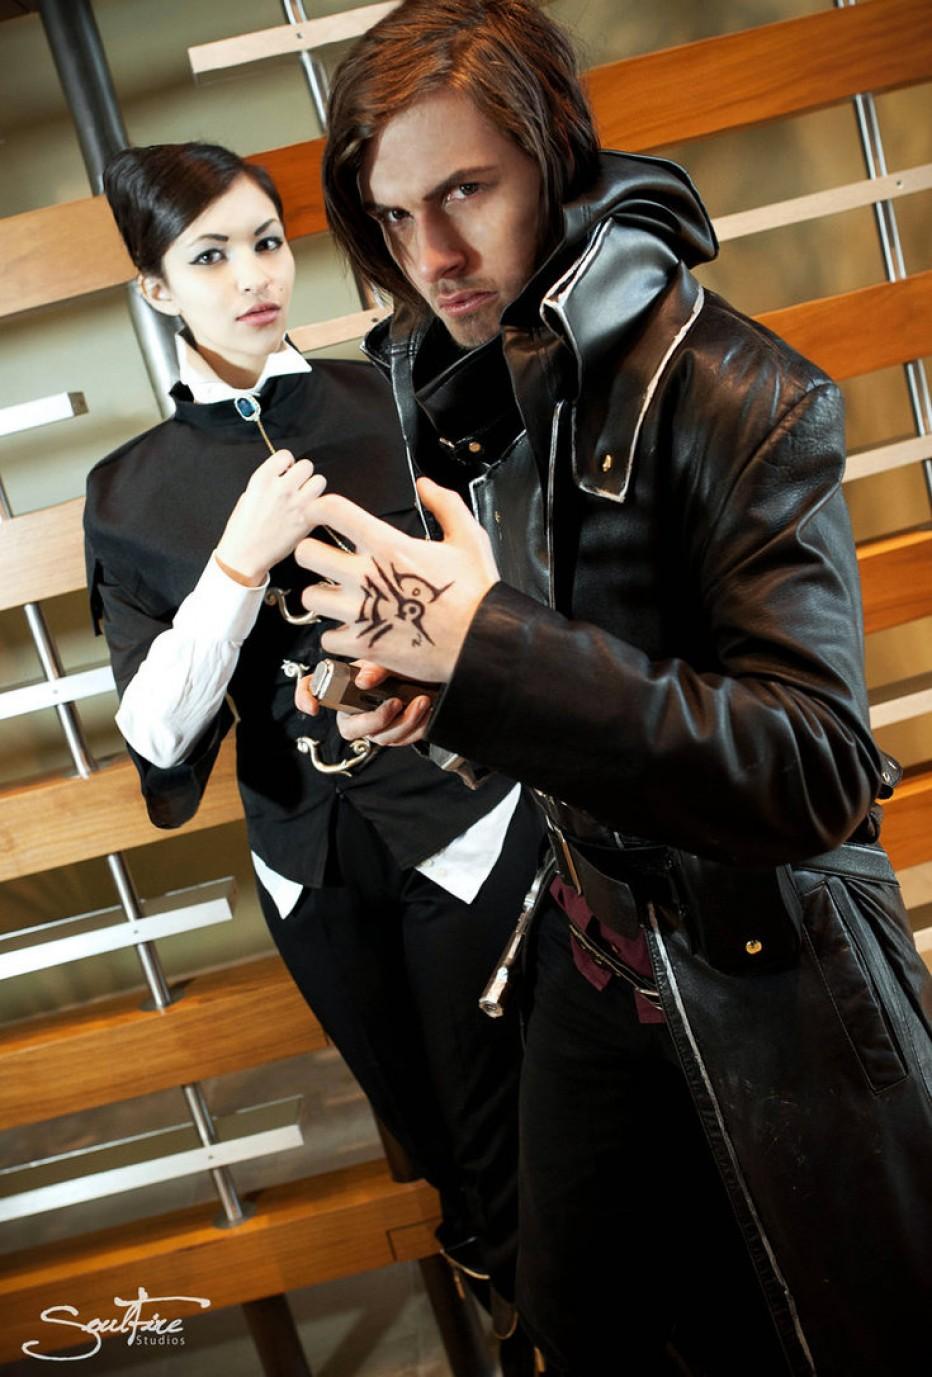 Dishonored-Cosplay-Corvo-Attano-4.jpg